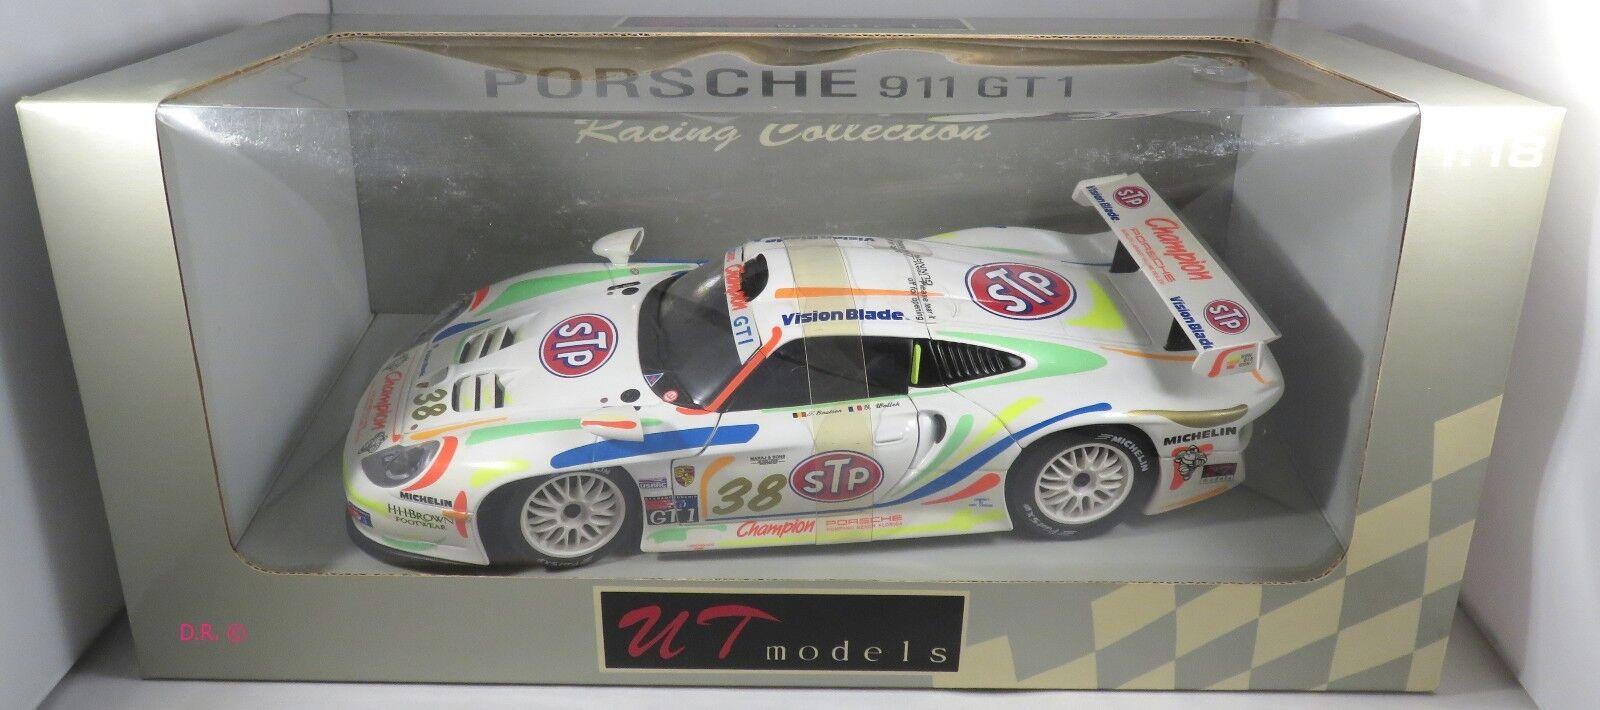 Porsche 911 gt1   38 boutsen wollek champion motoren usrrc mid-ohio 1998 ut 1,18